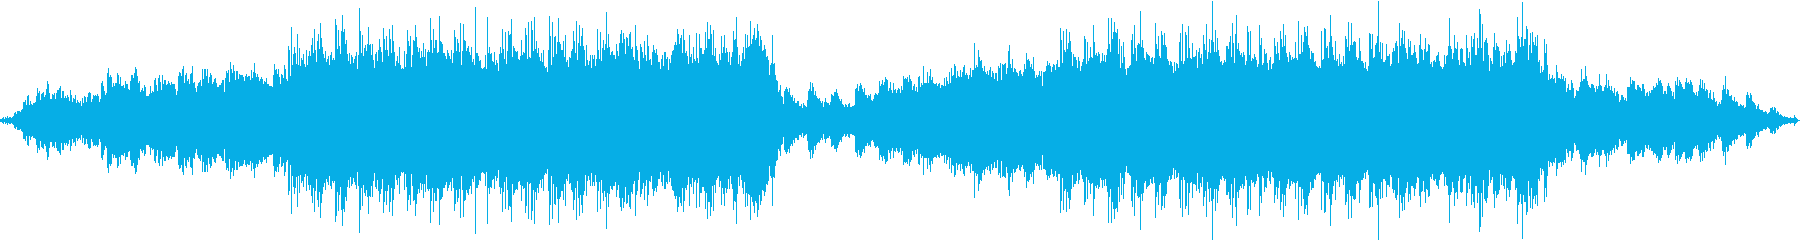 水をイメージしたヒーリングBGMですの再生済みの波形